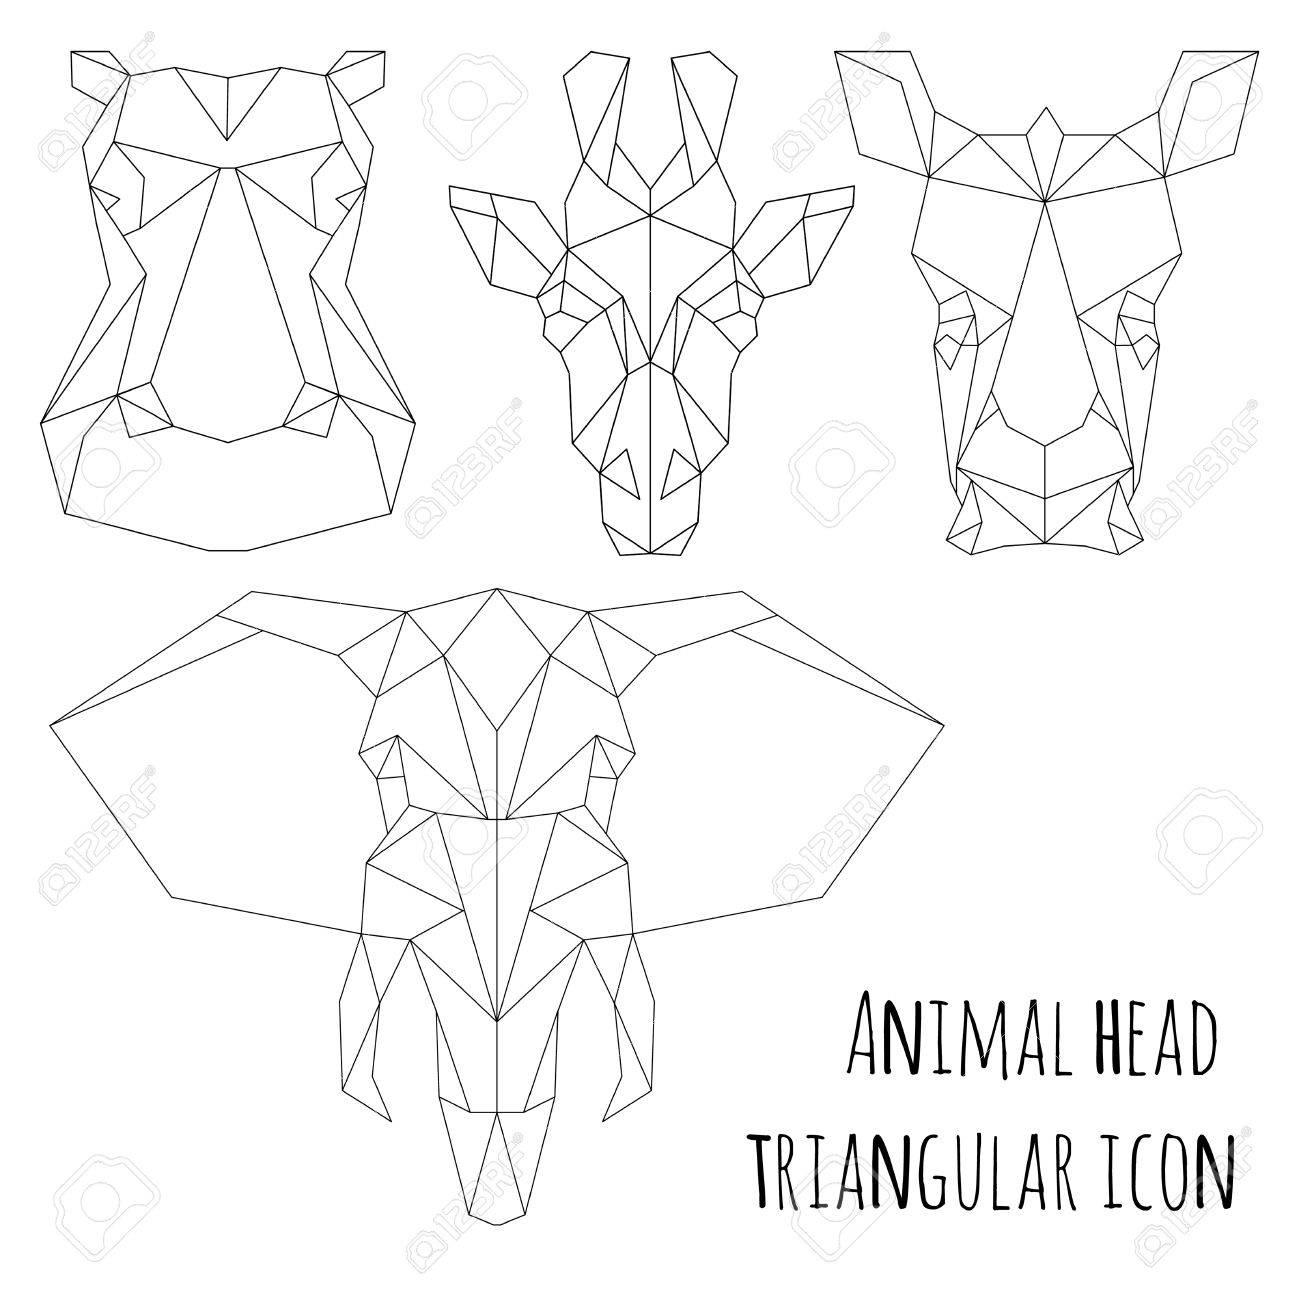 Coloriage En Ligne Rhinoceros.Tete D Animal Icone Triangulaire Conception De La Ligne A La Mode Geometrique Vector Illustration Pret Pour Le Tatouage Ou Un Livre De Coloriage